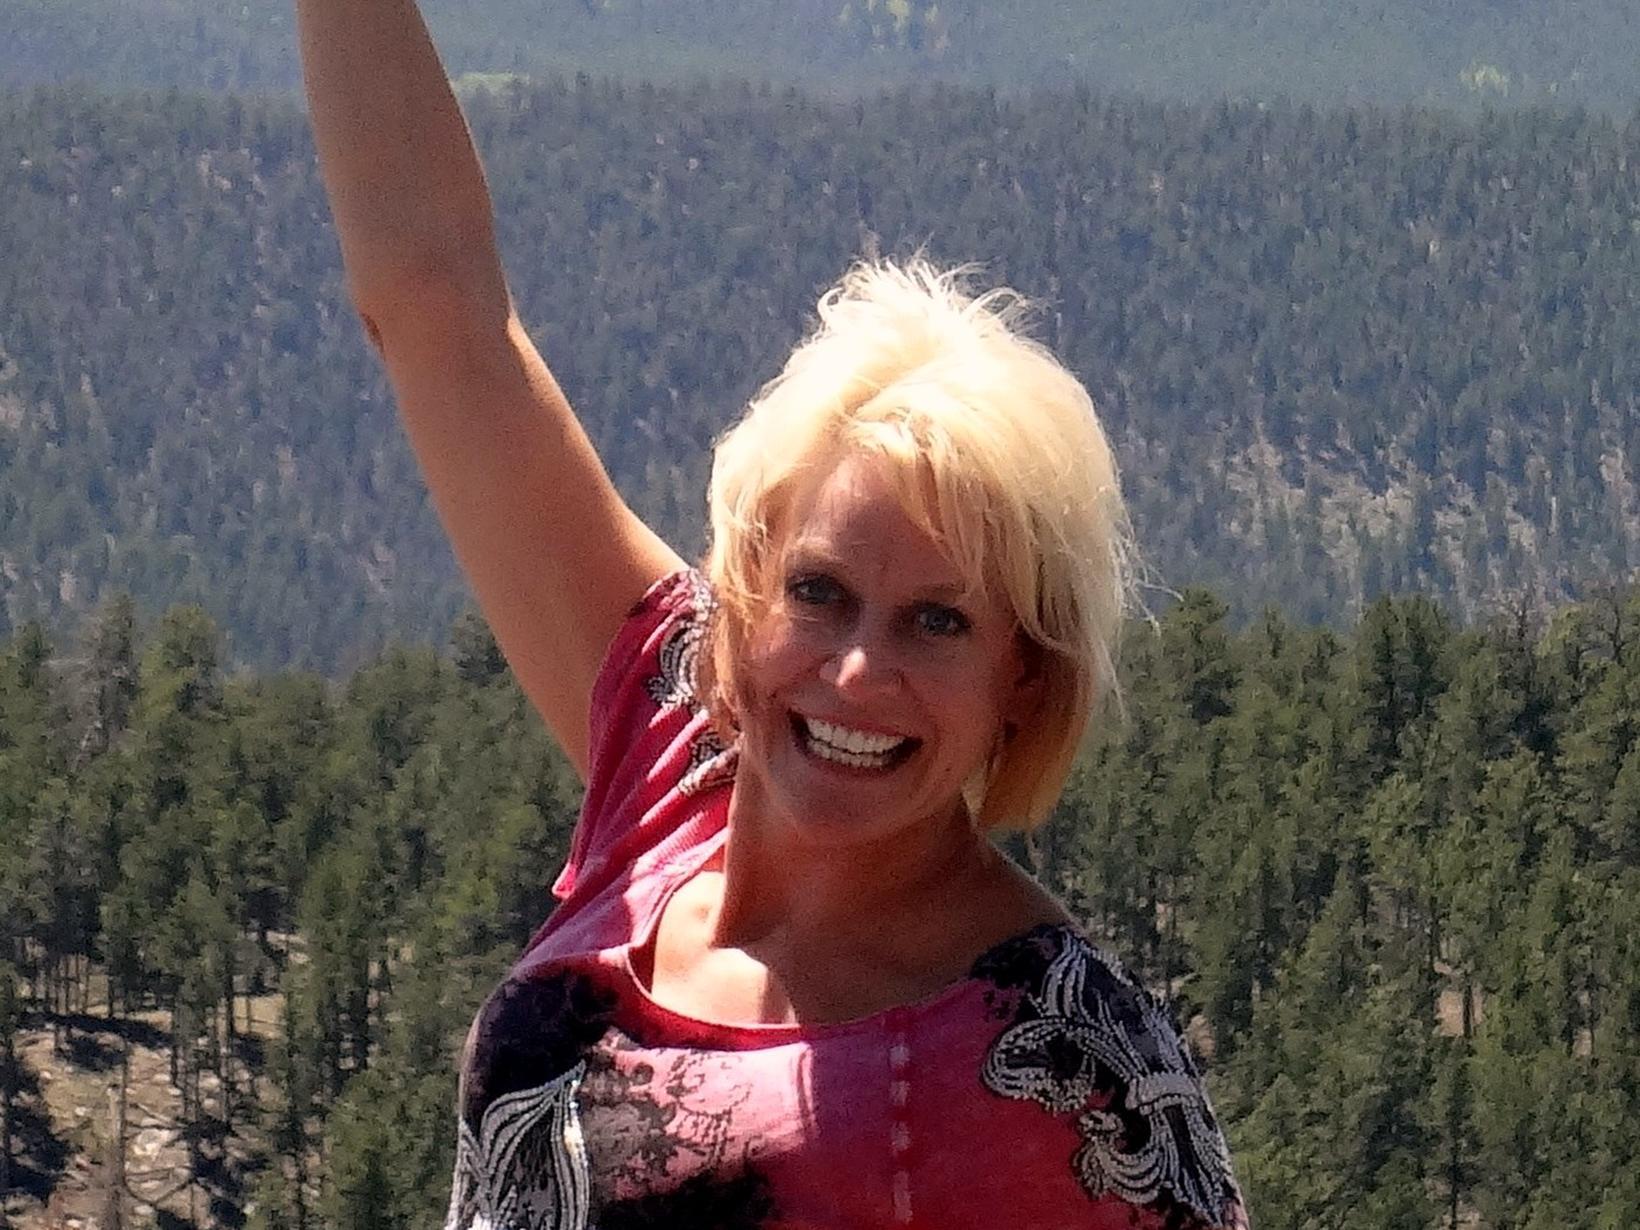 Deanna from Sedona, Arizona, United States